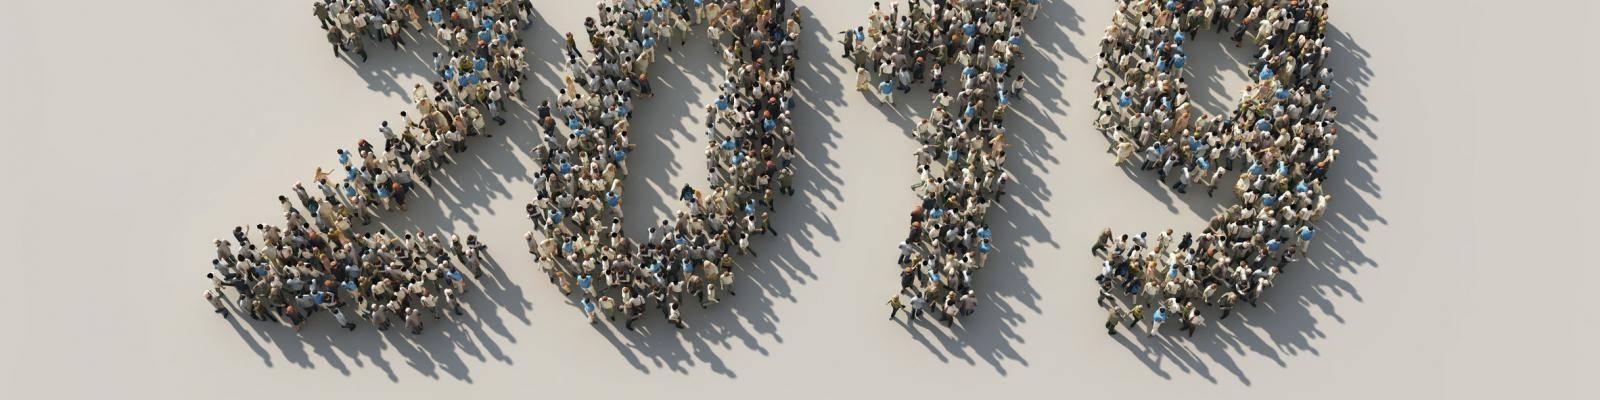 Mensen staan en vormen 2019